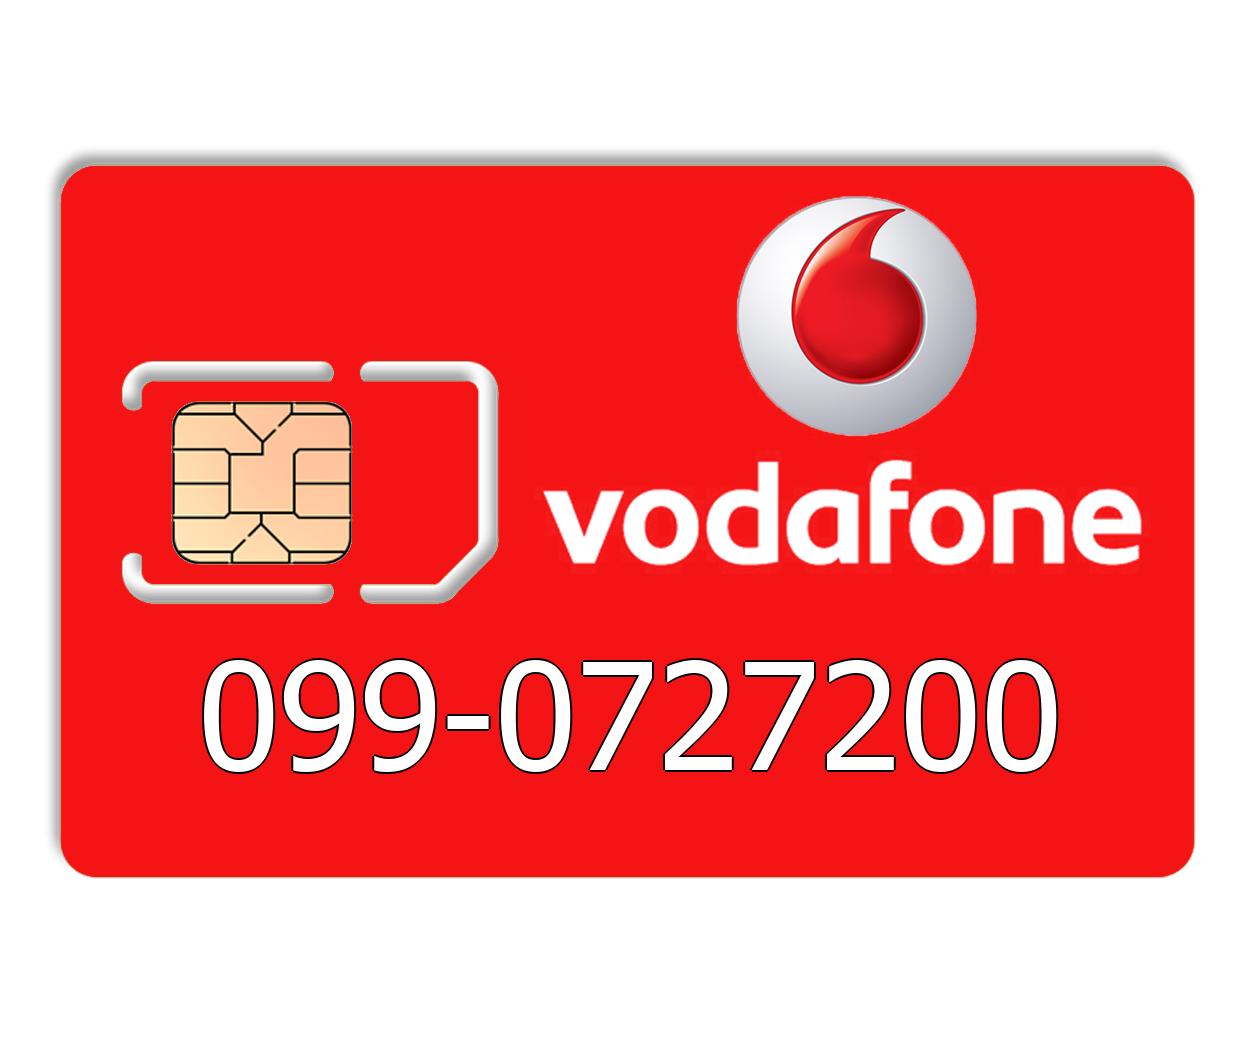 Красивый номер Vodafone 099-0727200